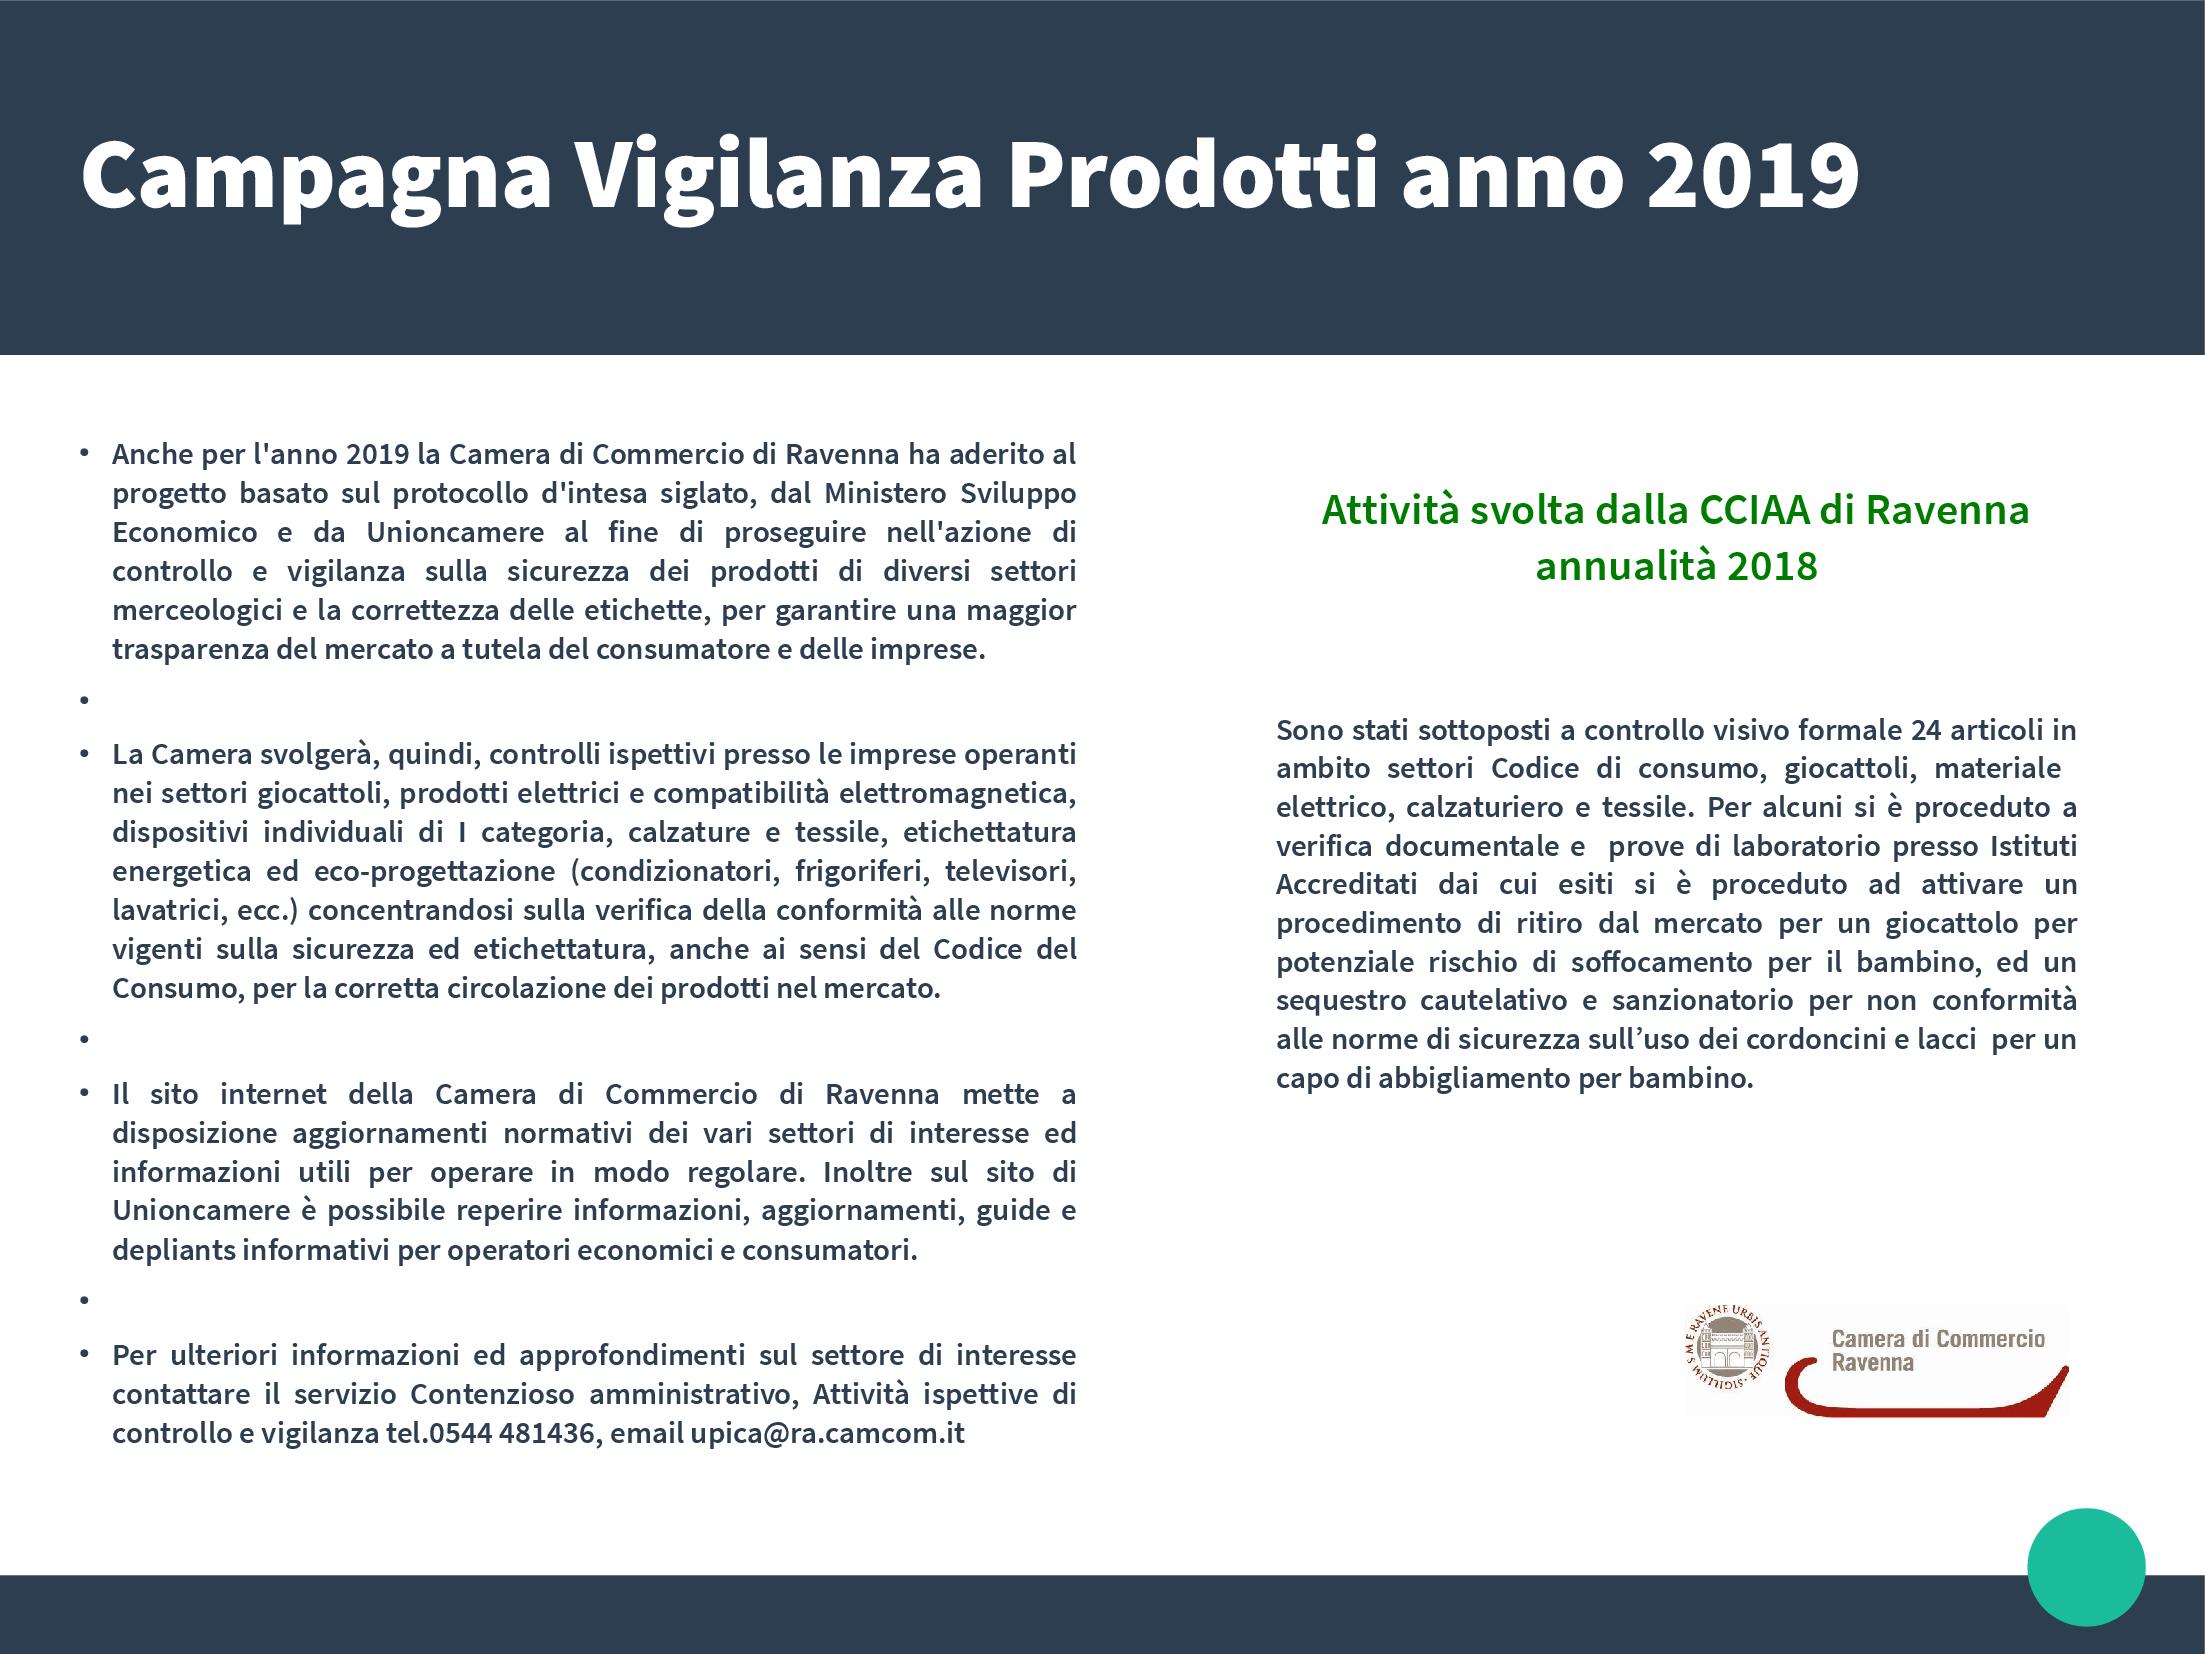 Campagna Vigilanza Prodotti annualità 2019